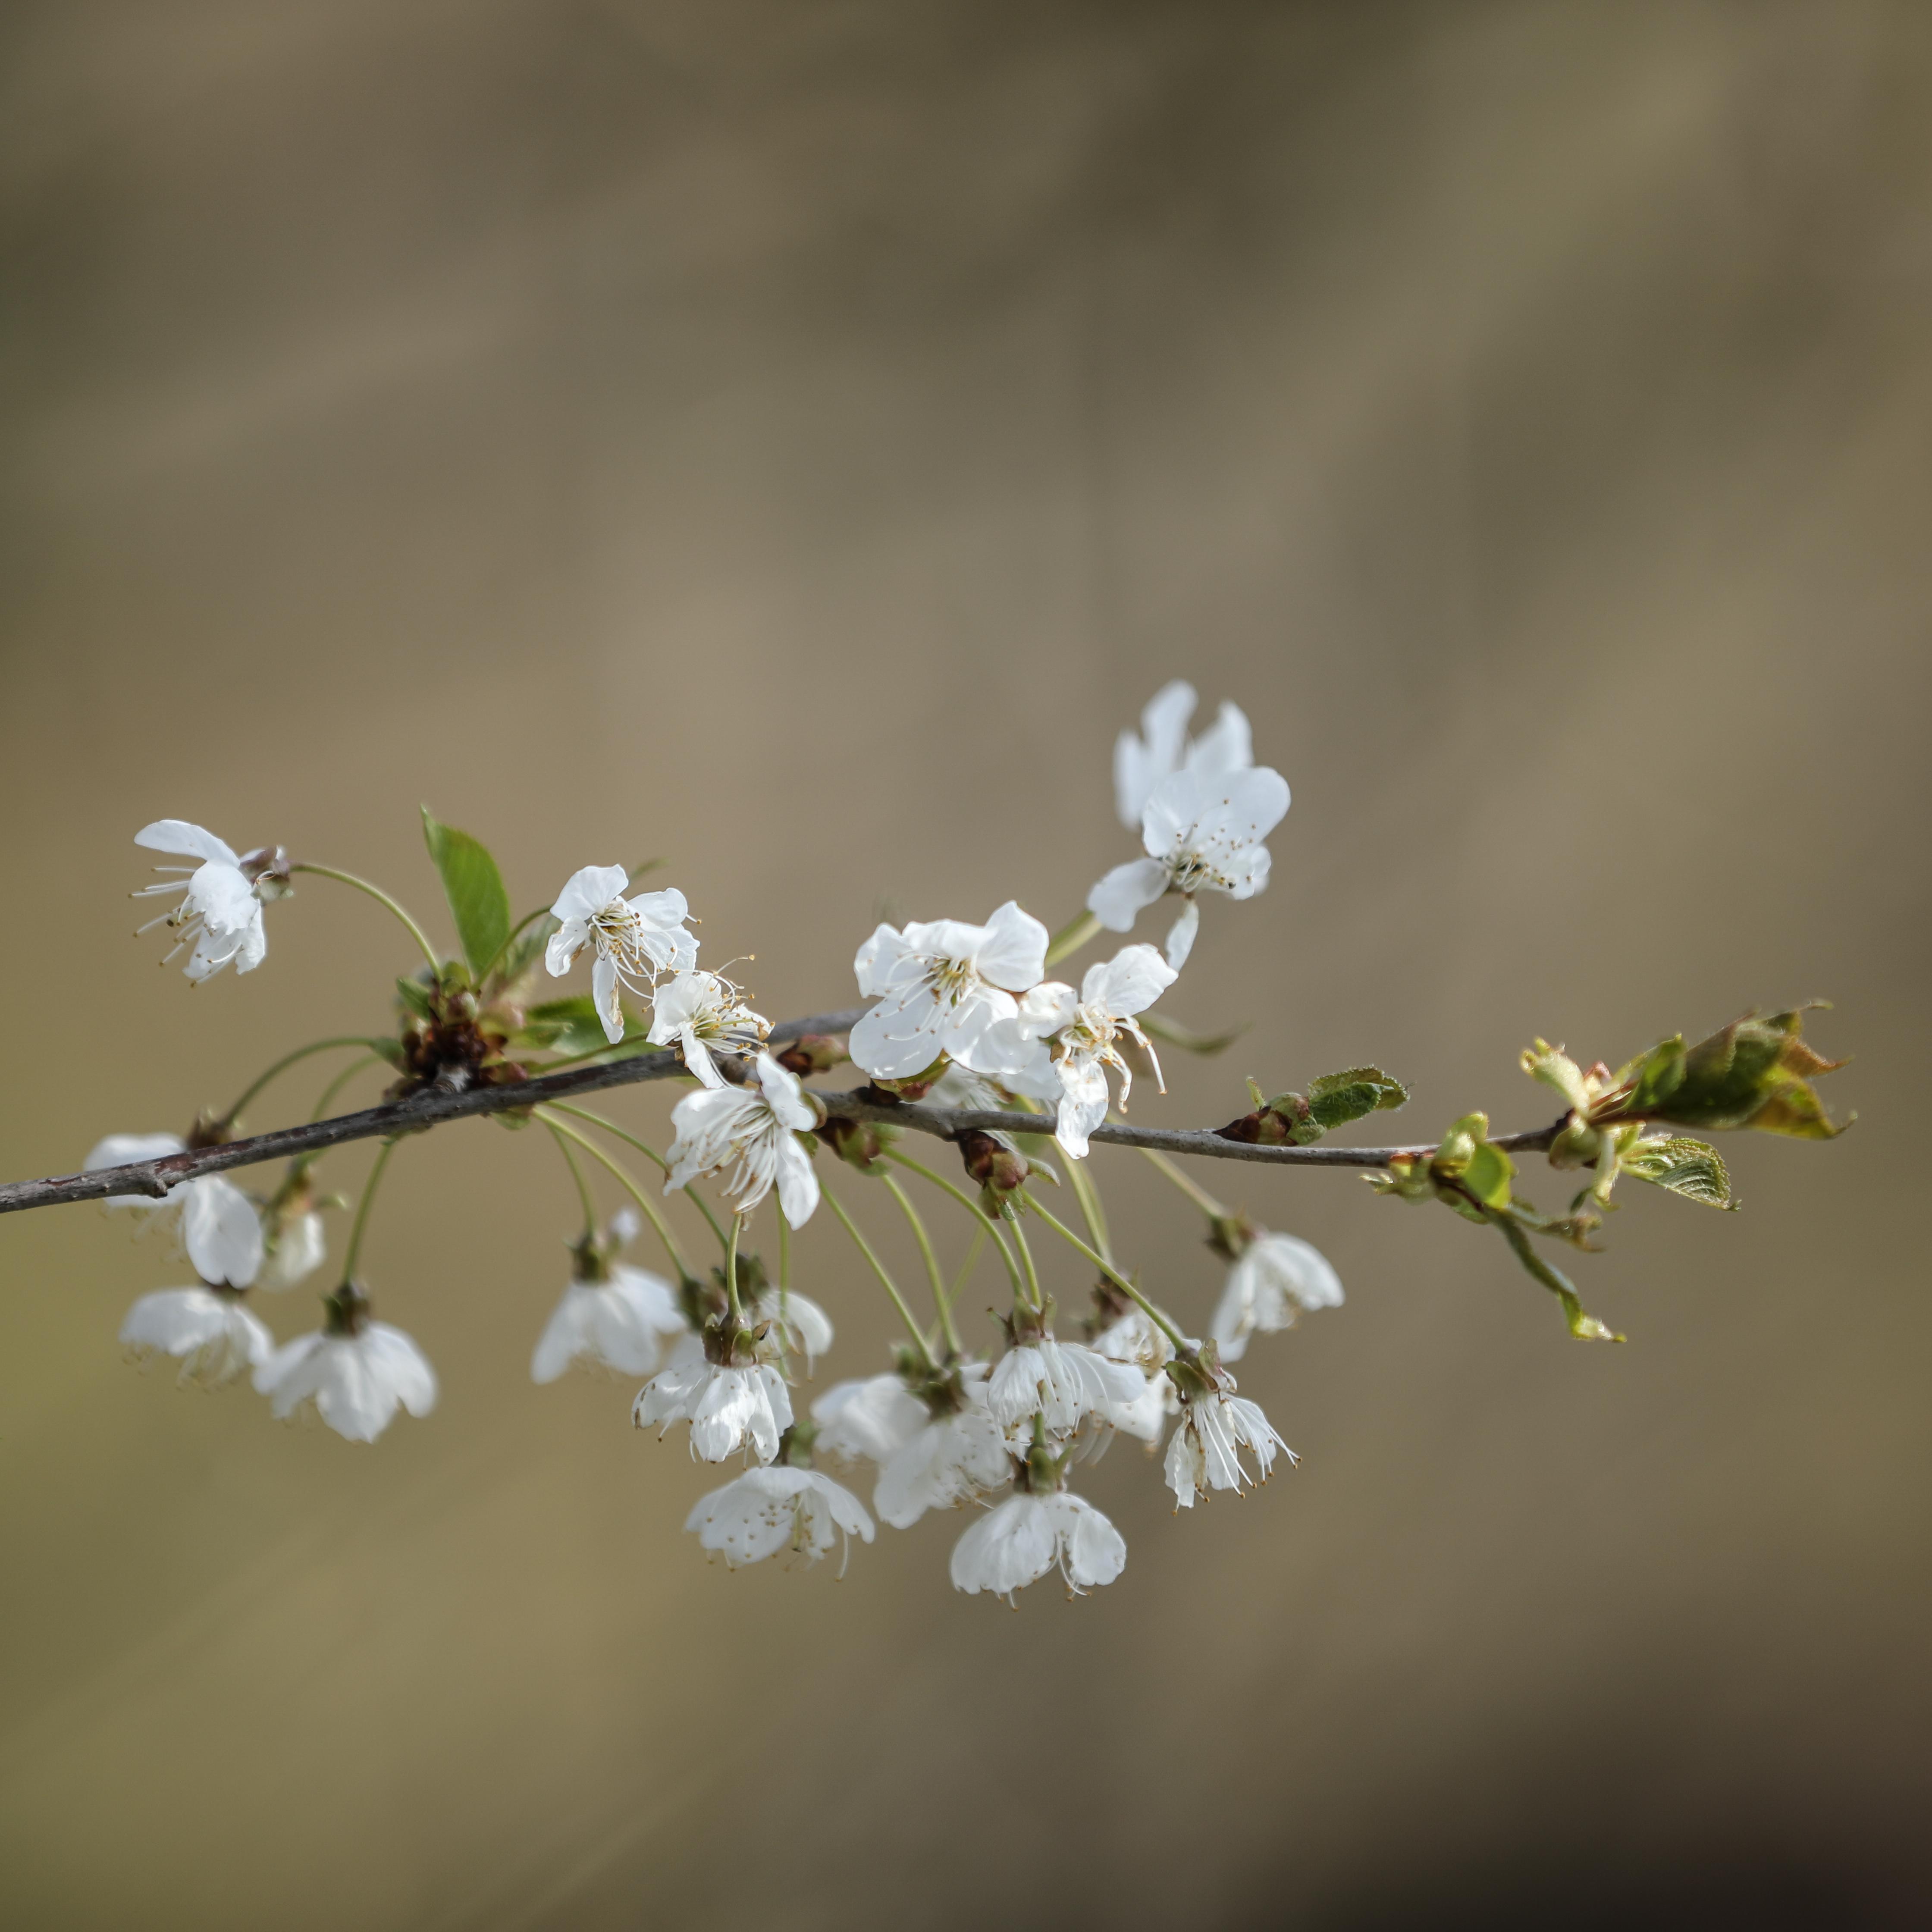 FOTIFABRIK.ch Beitrag: Frühling